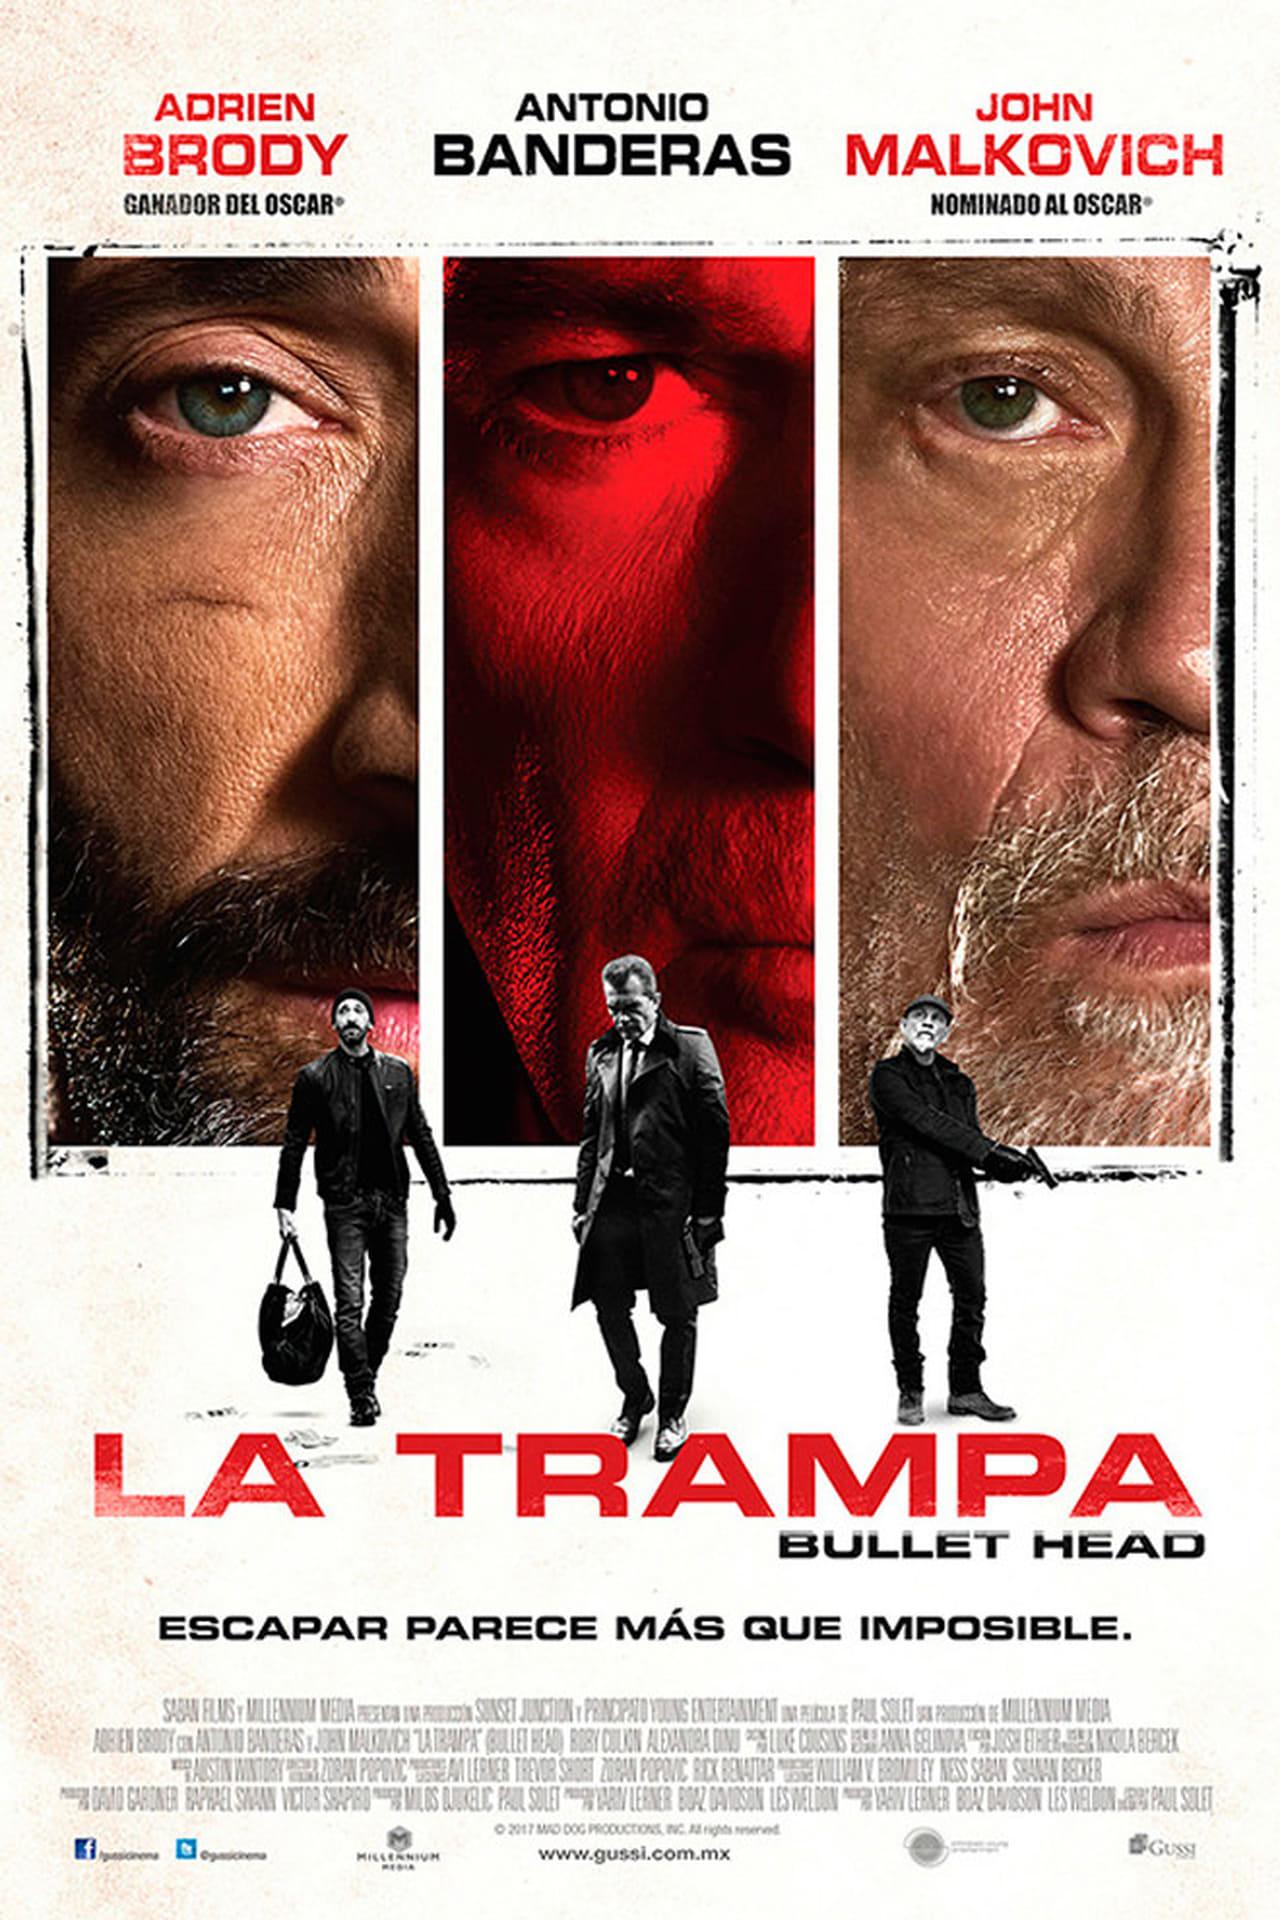 La Trampa (Bullet Head)